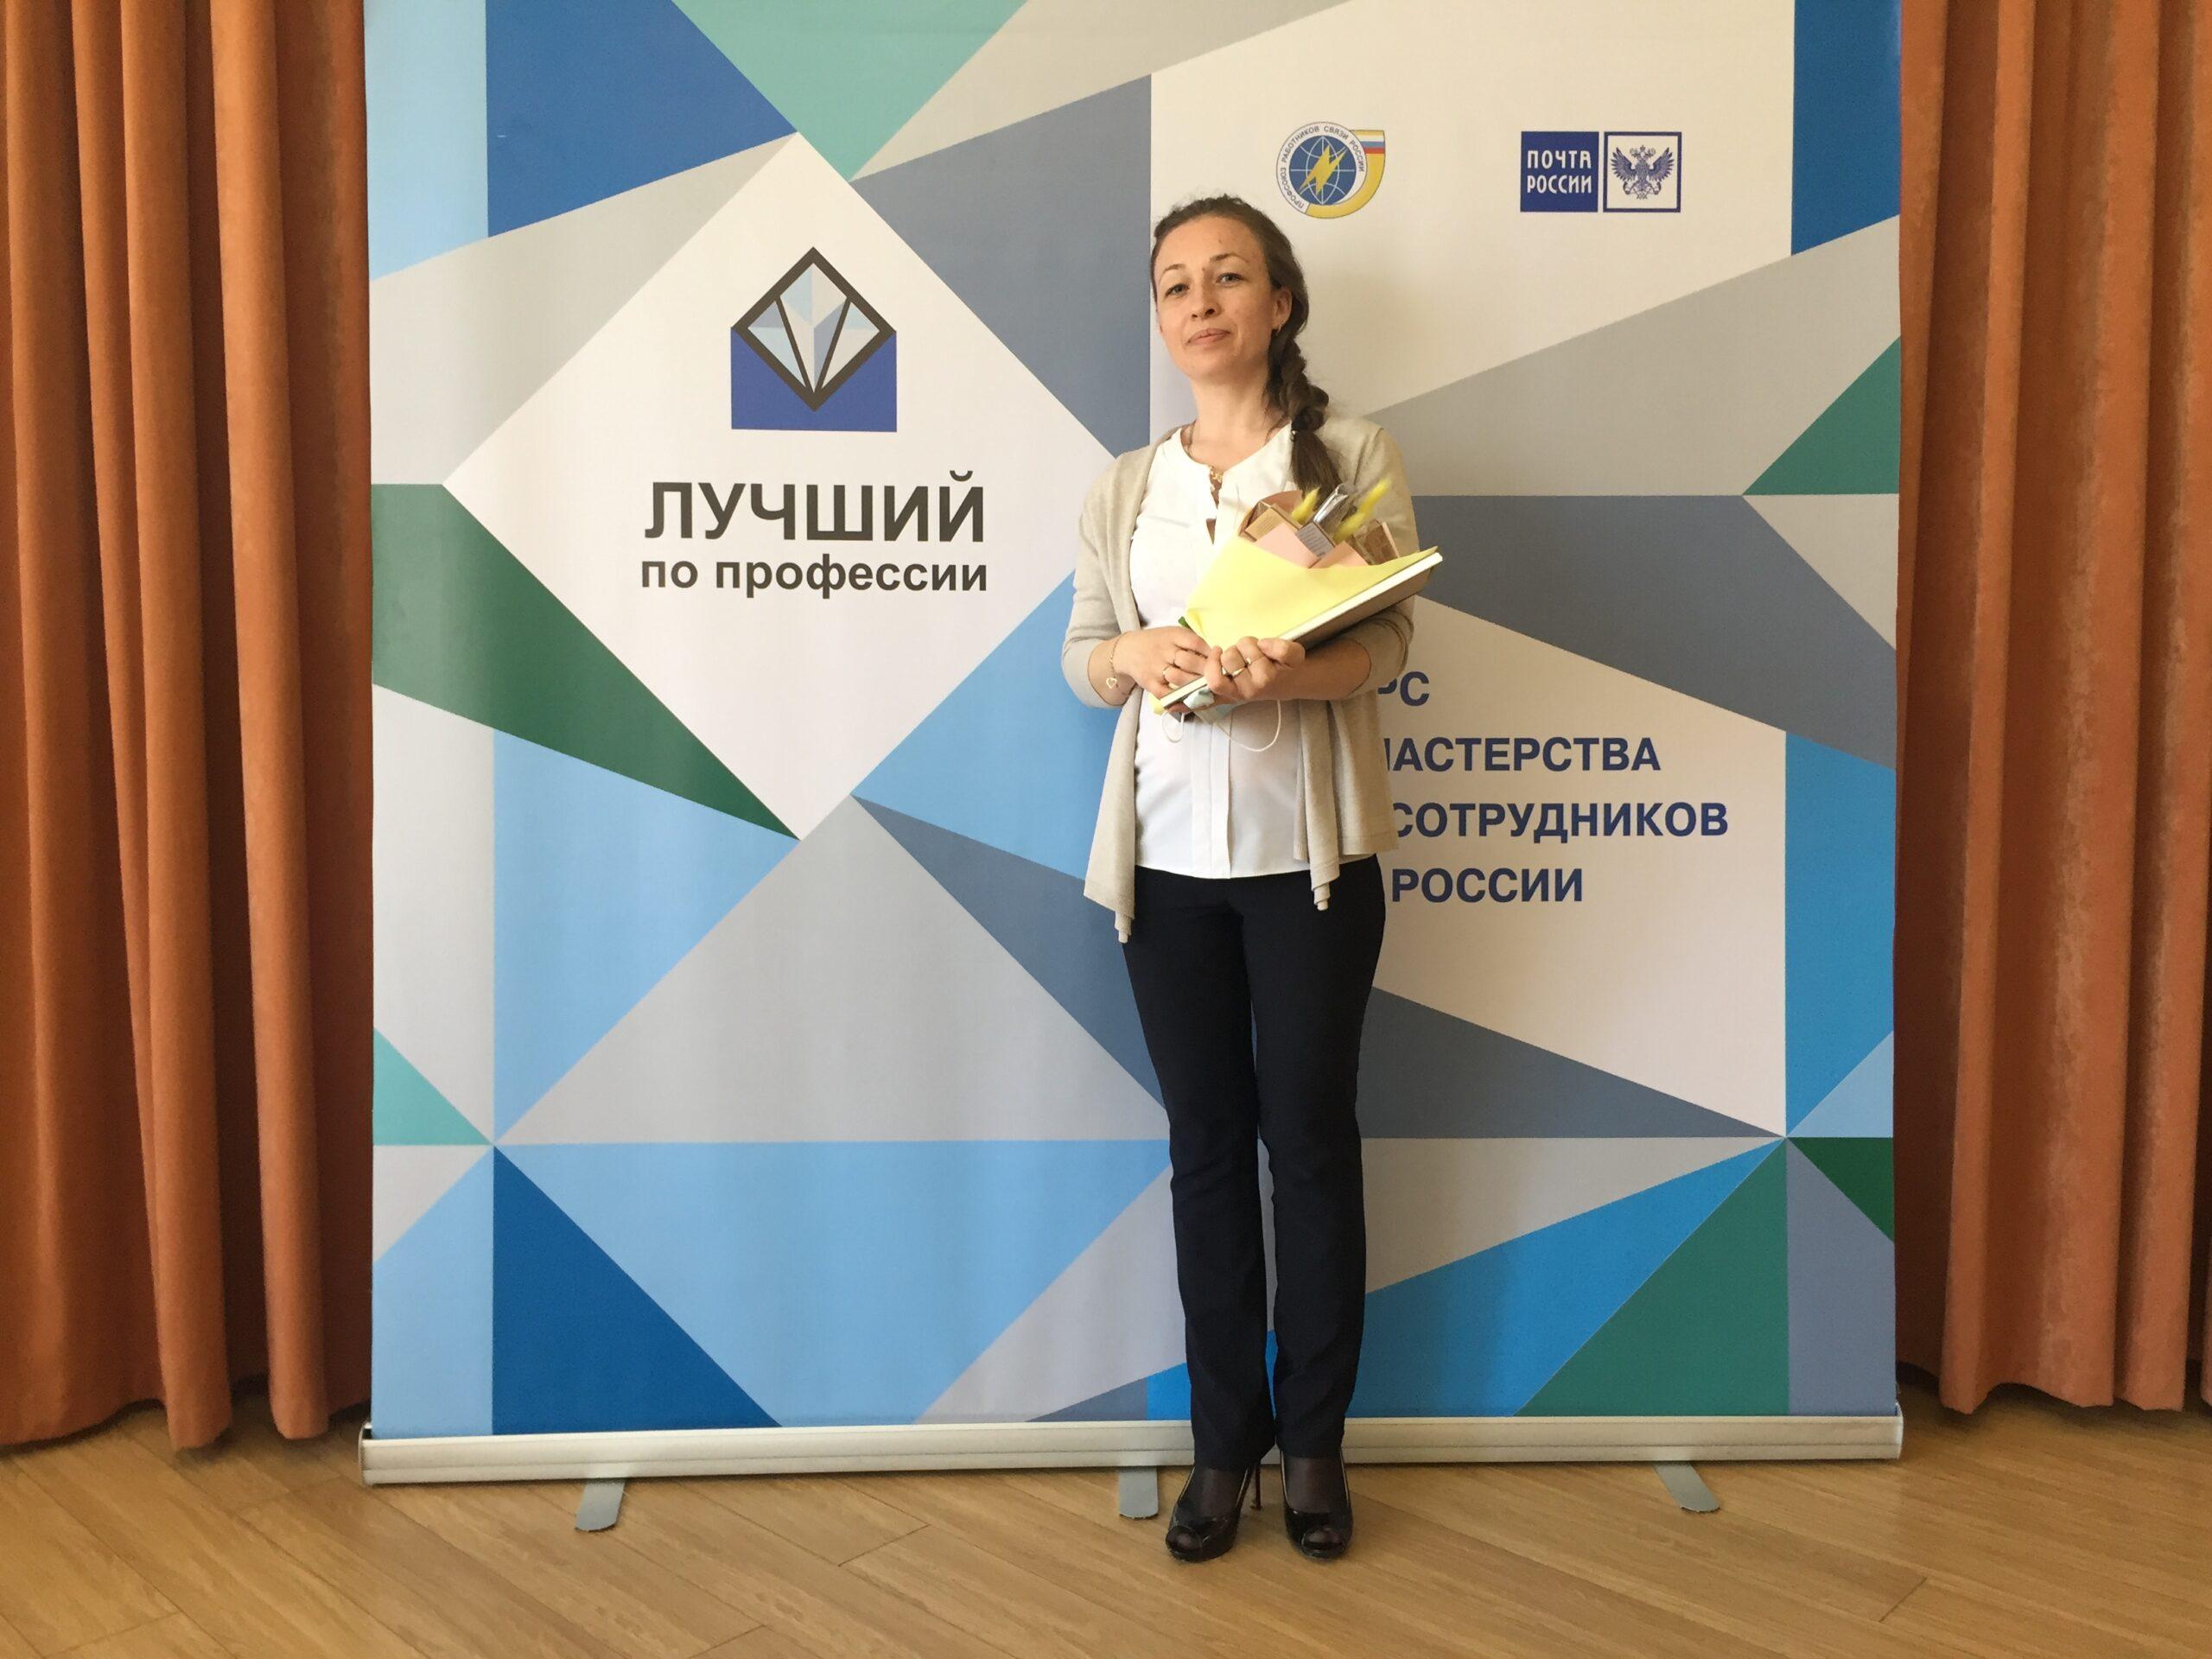 Призерами макрорегионального этапа конкурса профмастерства Почты России стали тверские сотрудники